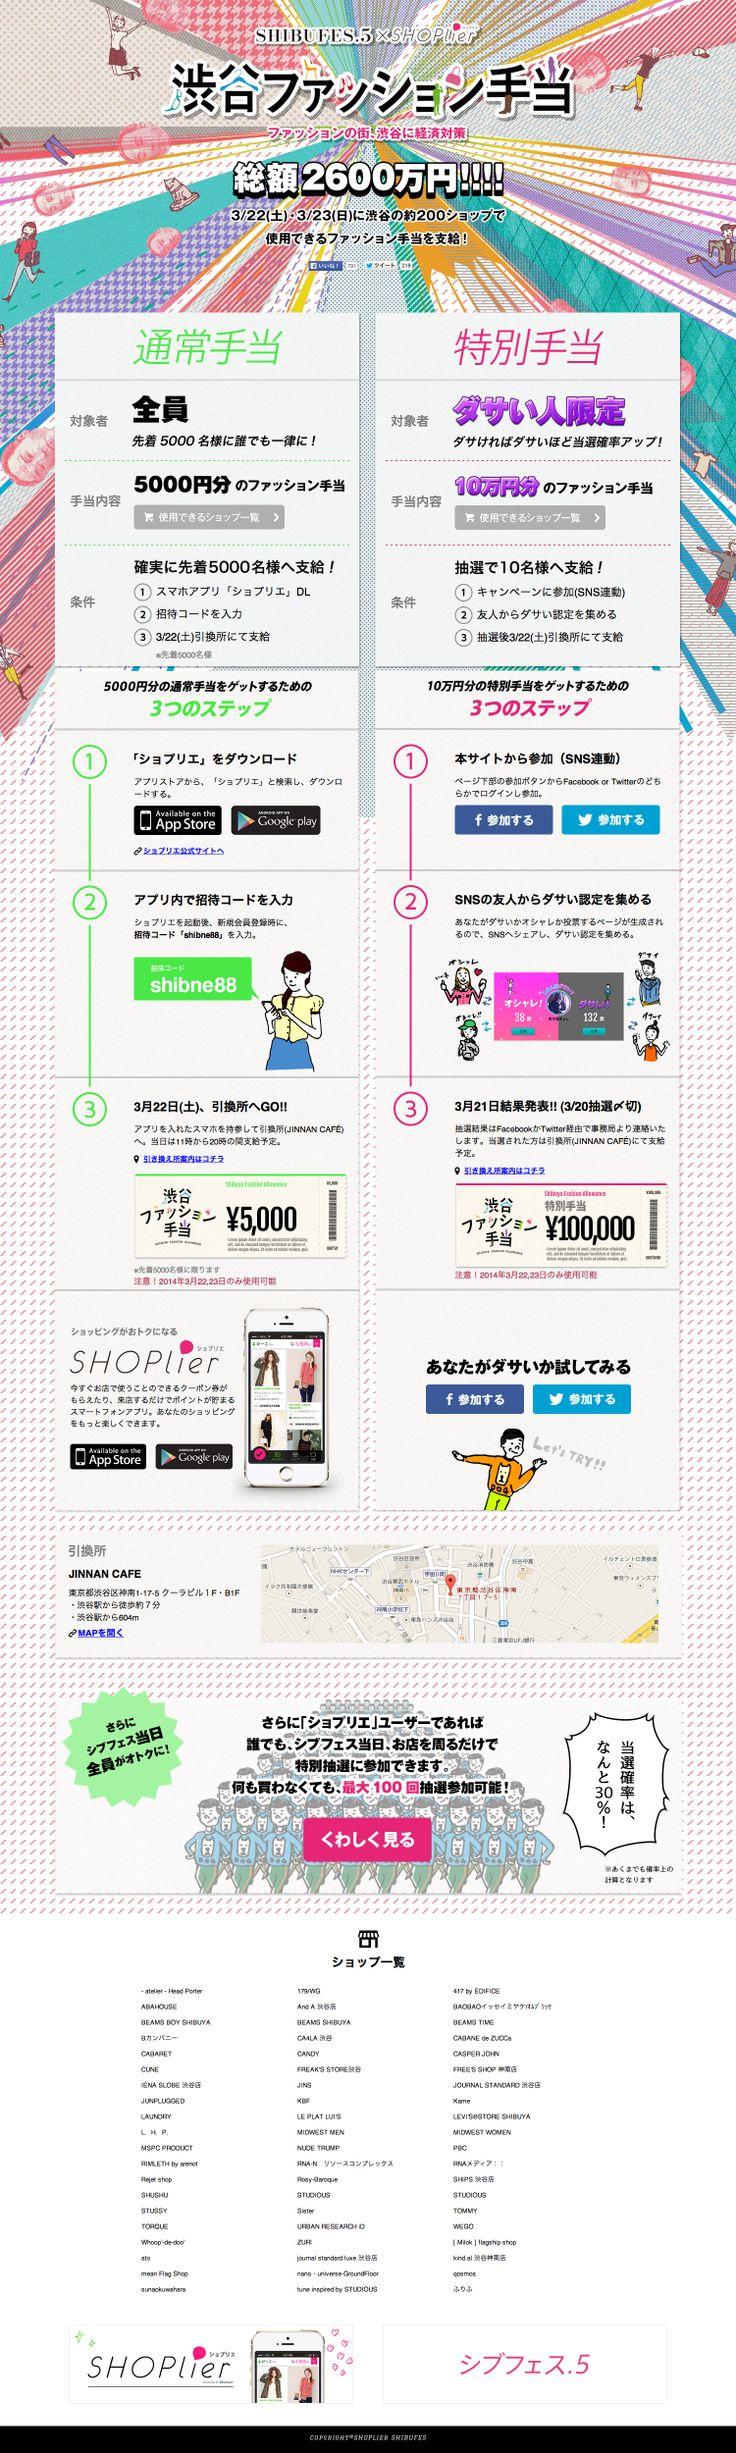 渋谷ファッション手当|ファッションの街、渋谷に経済対策